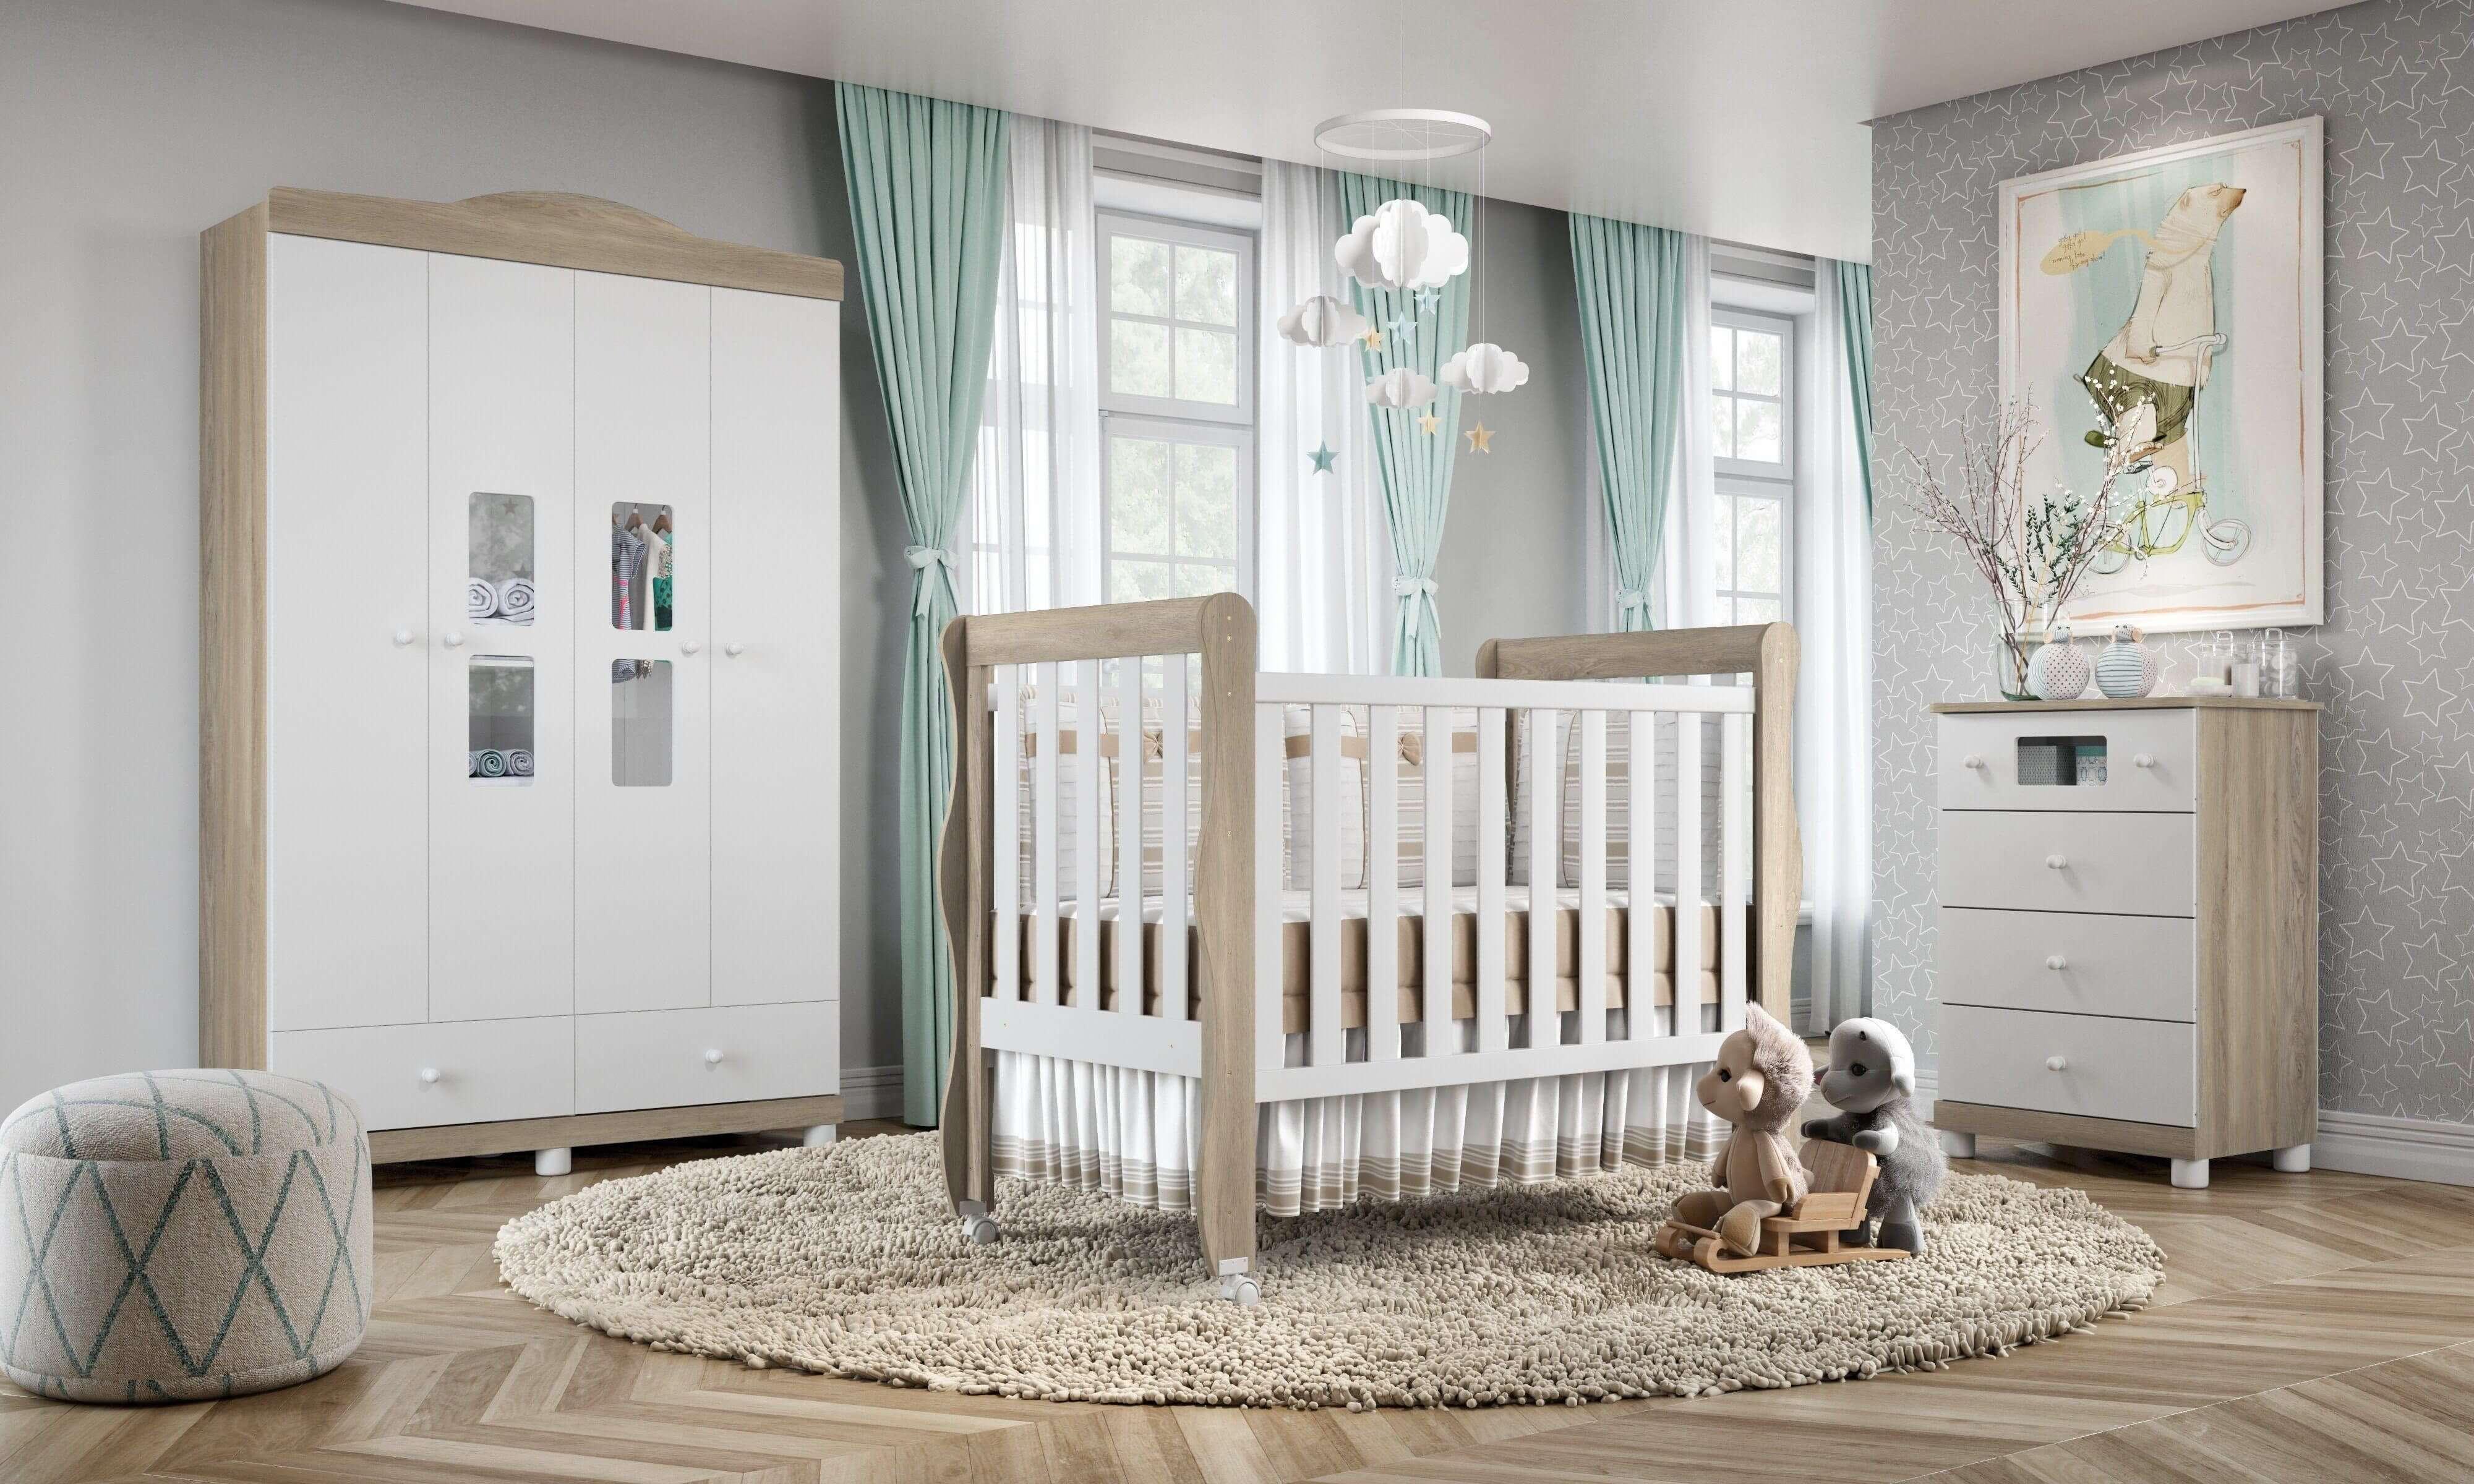 guia de decoração do quarto do bebê